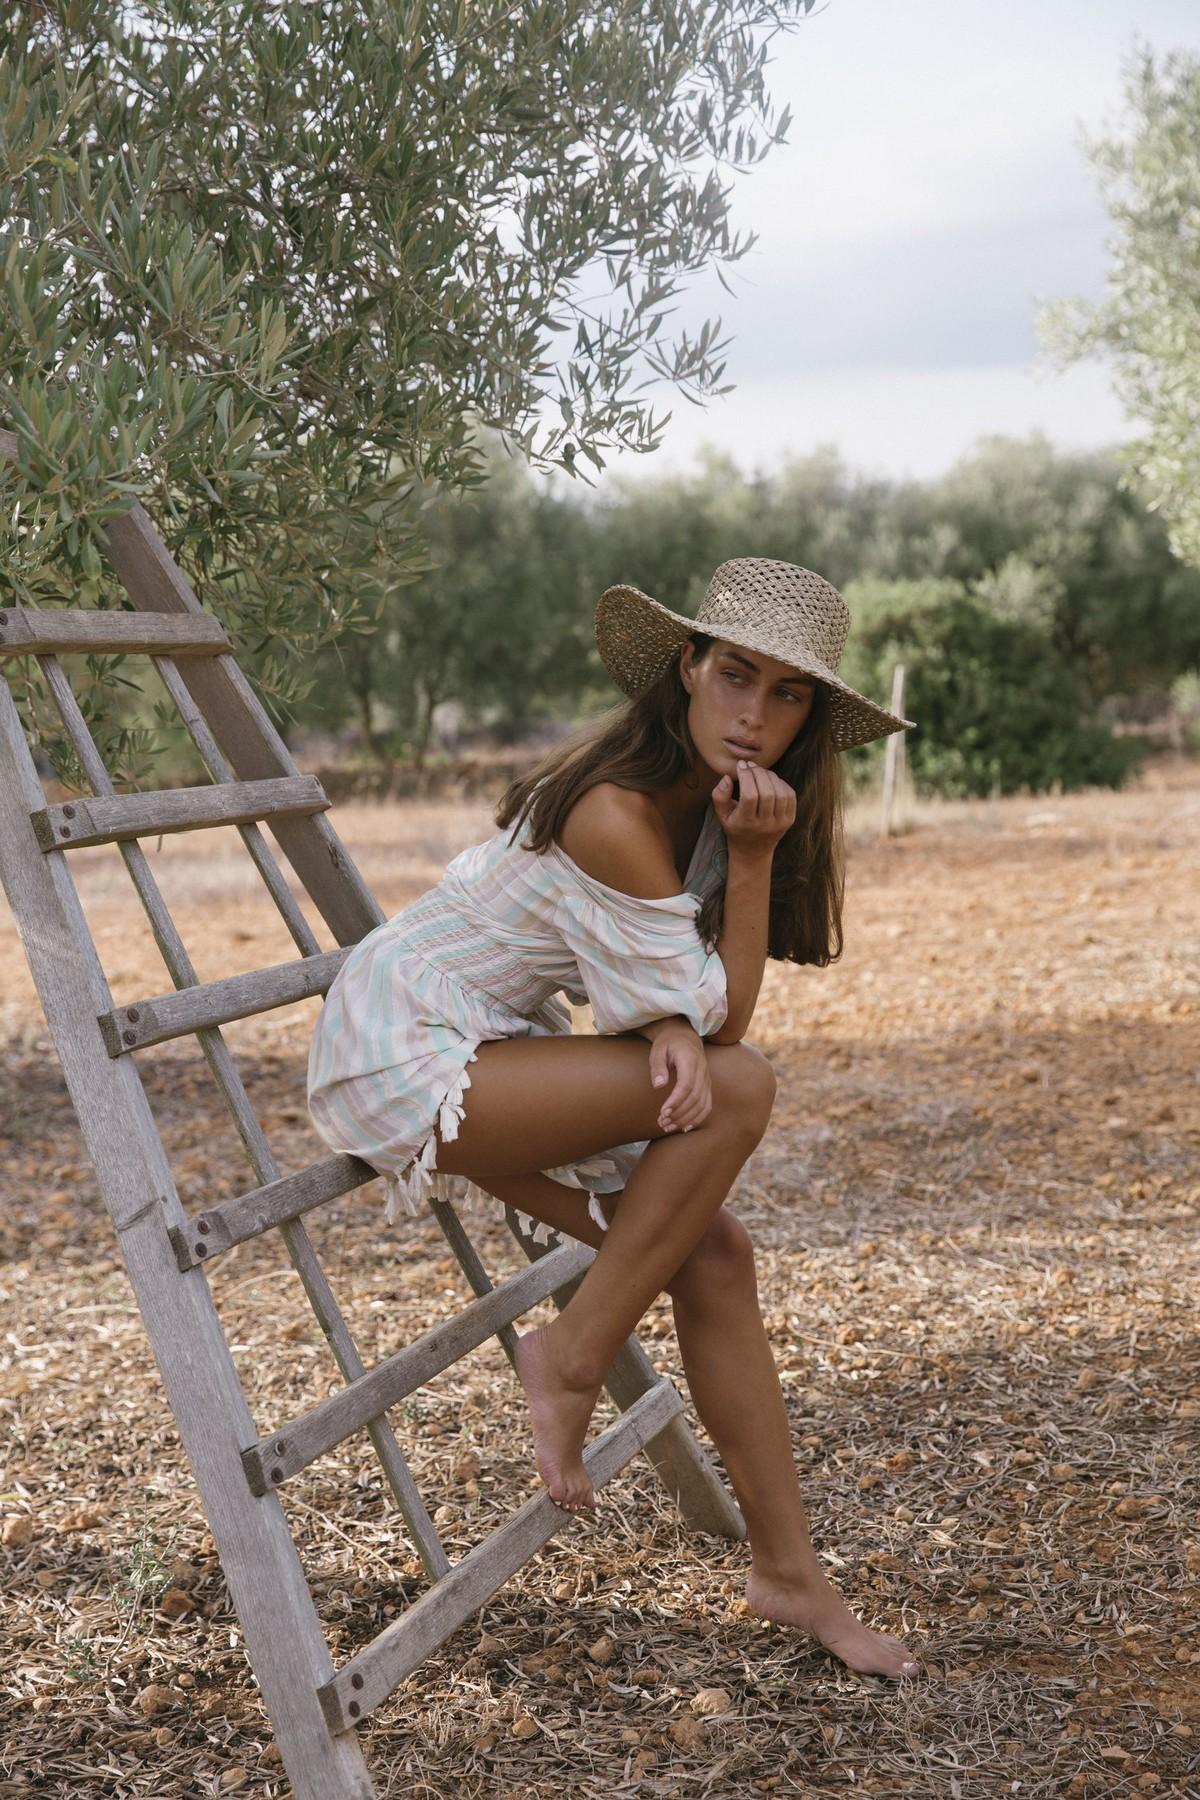 Чувственные фотографии девушек Юлии Линкогель